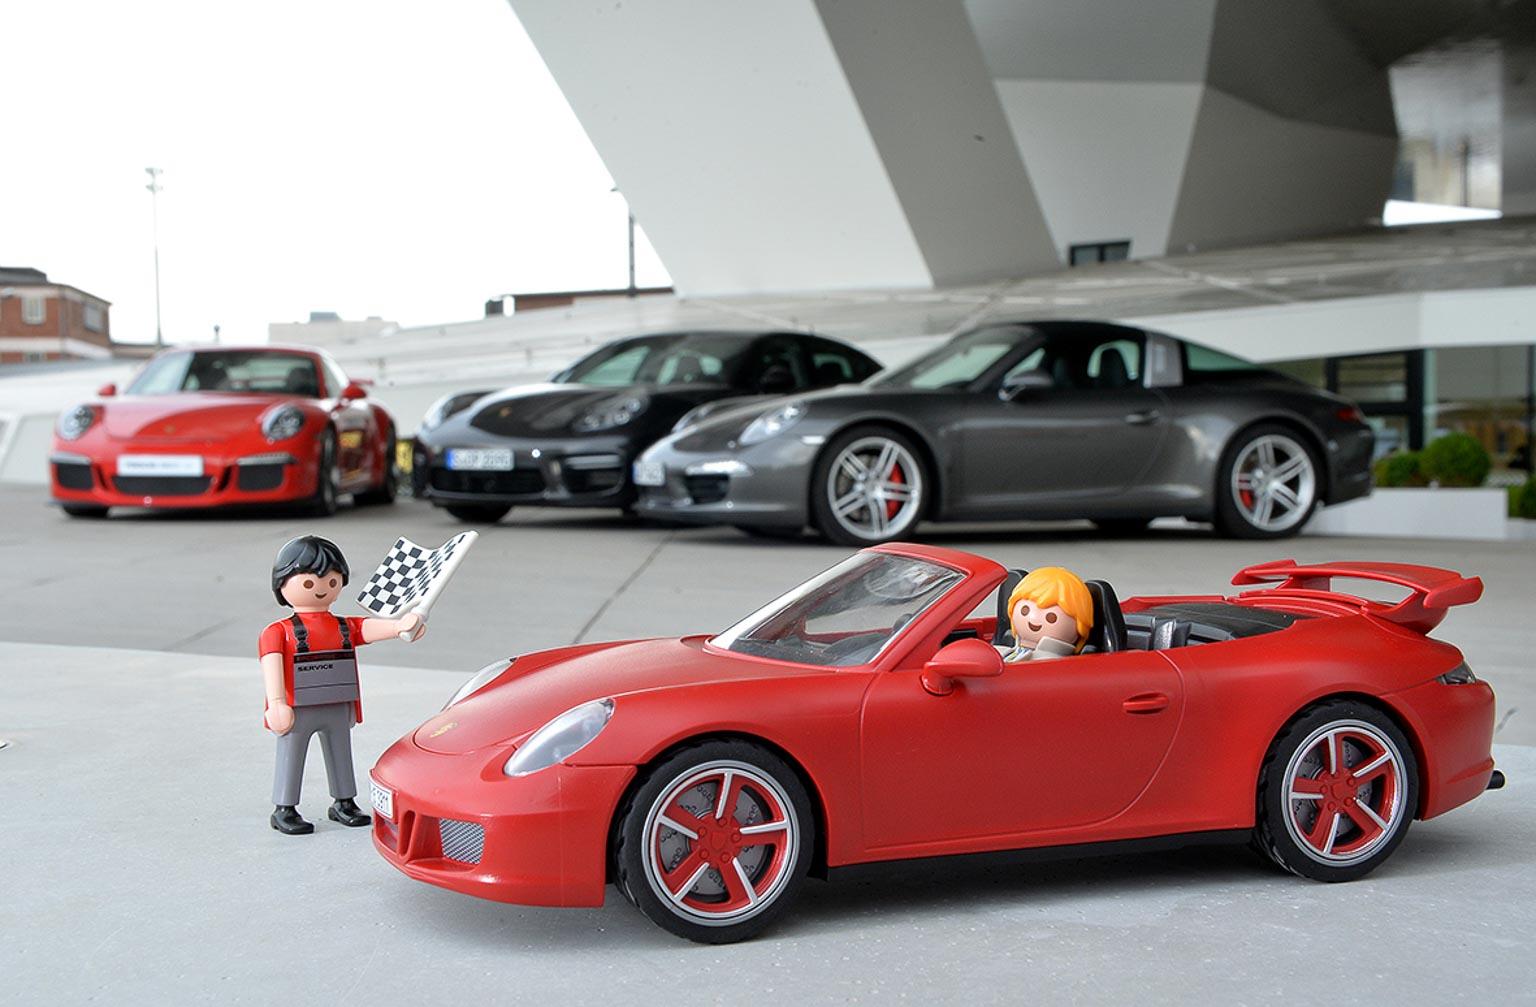 PLAYMOBIL Porsche 911 Carrera S bei Fa. Porsche Stuttgart Zuffenhausen ©  BERNY 19.12.2014 Dezember  berny-meyer t-online.de   0170 2015199   c8f7154b319